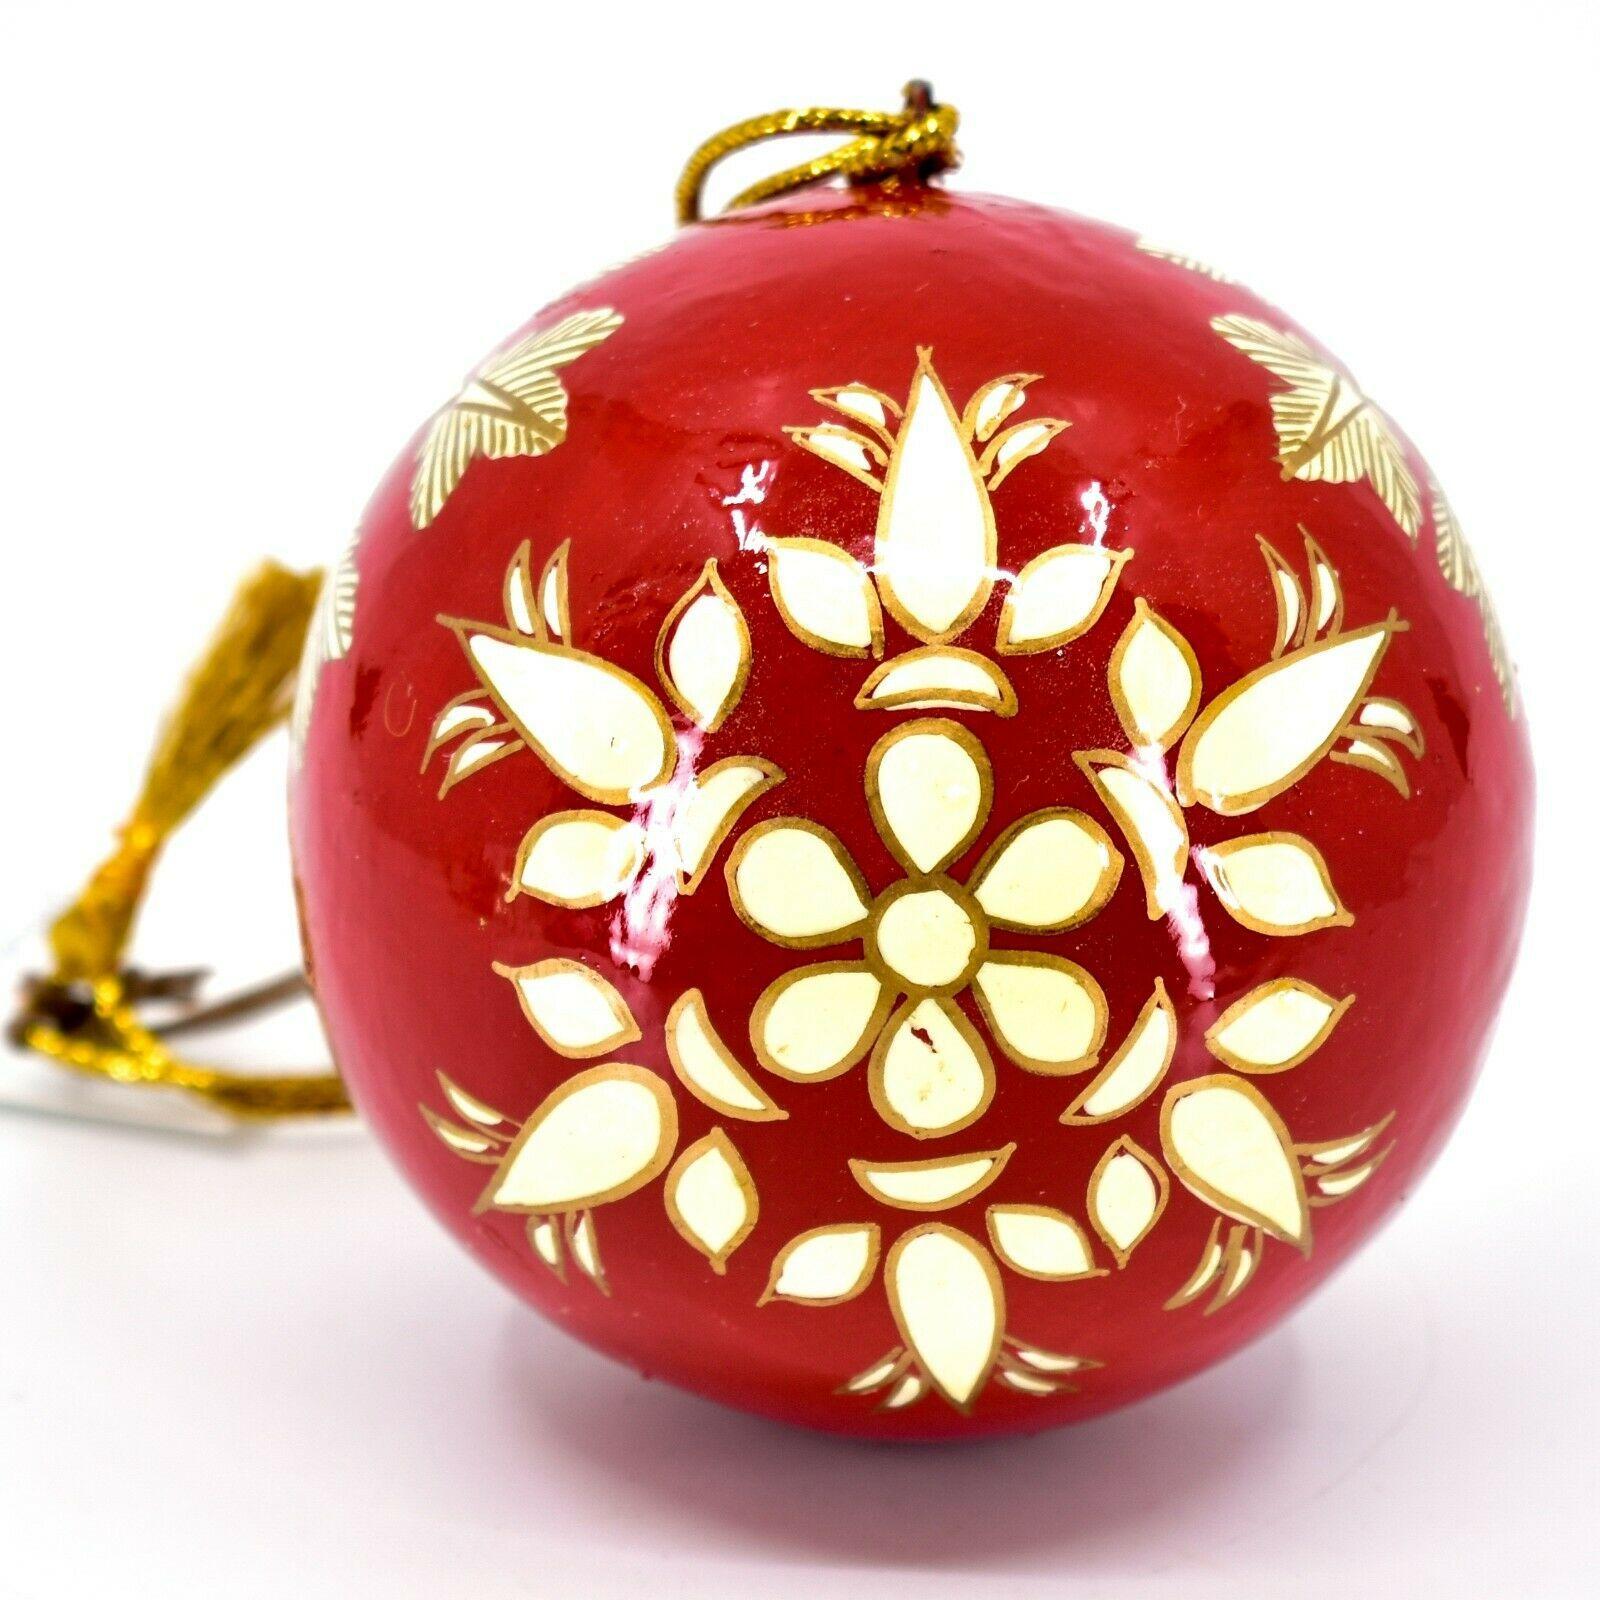 Asha Handicrafts Painted Papier-Mâché Red & Gold Snowflakes Christmas Ornament